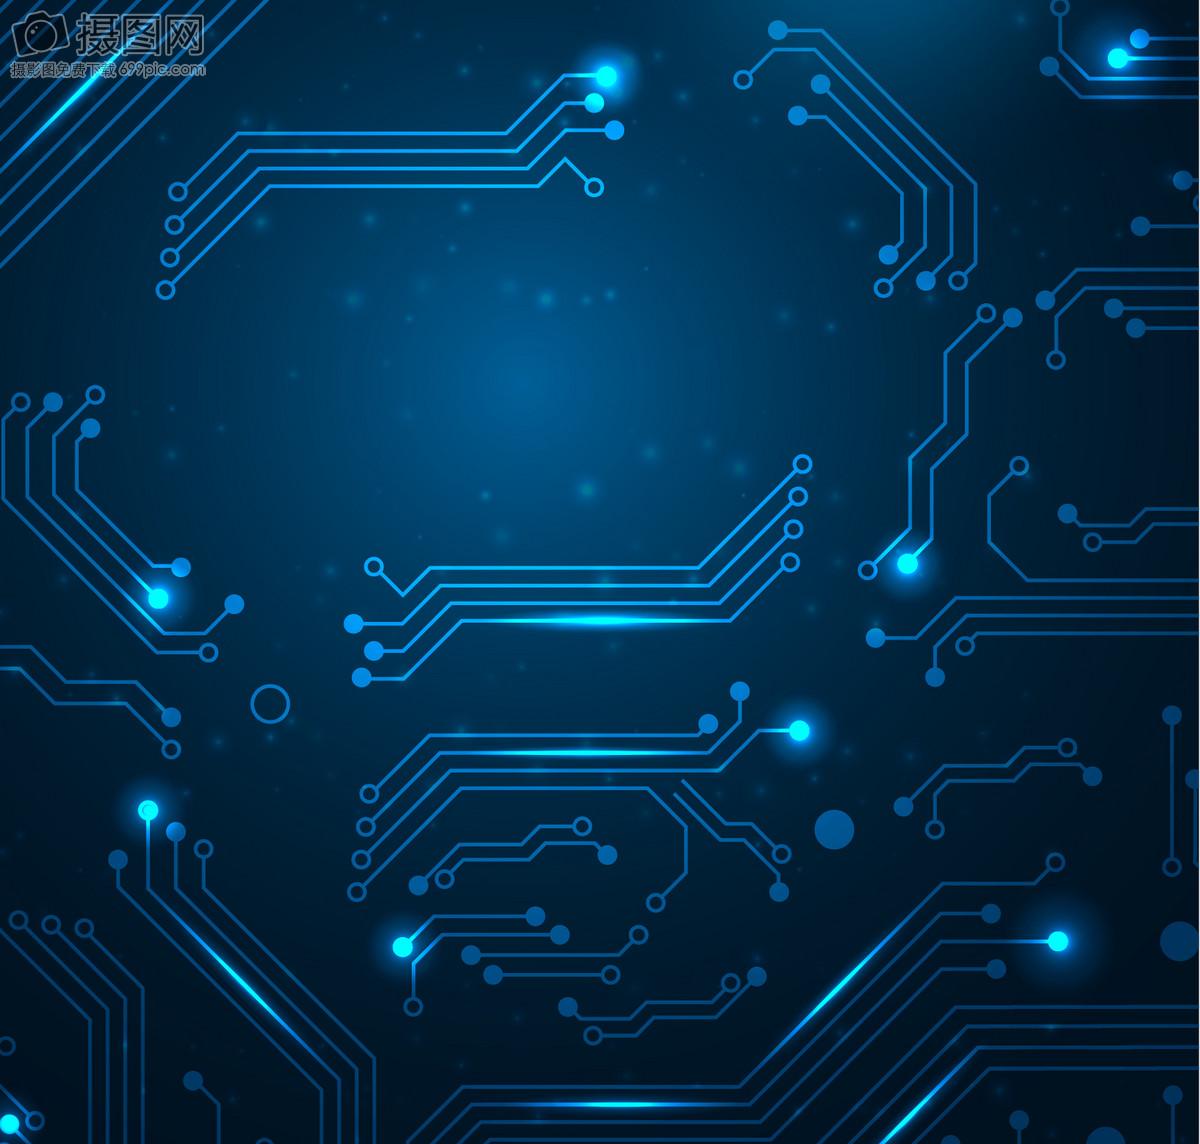 蓝色 电路 科技 背景 设计 纹理